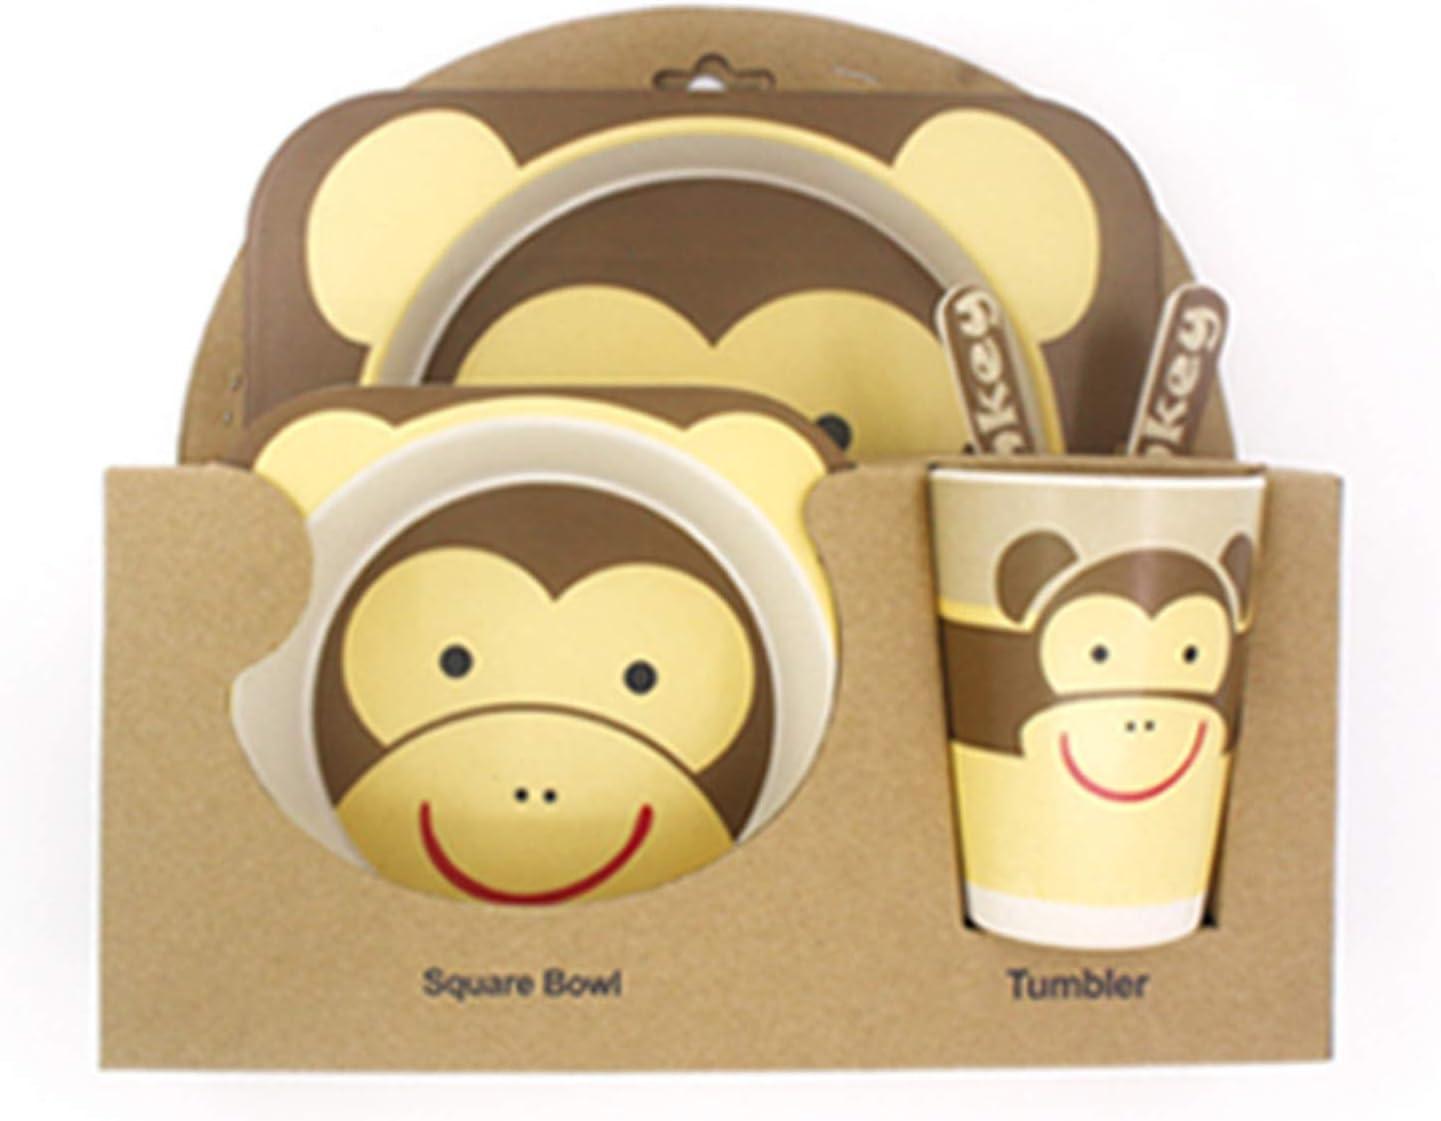 forchetta e cucchiaio Posate per bambini Butterfly Elonglin tazza Set da tavola in bamb/ù 5 pezzi piatto ciotola